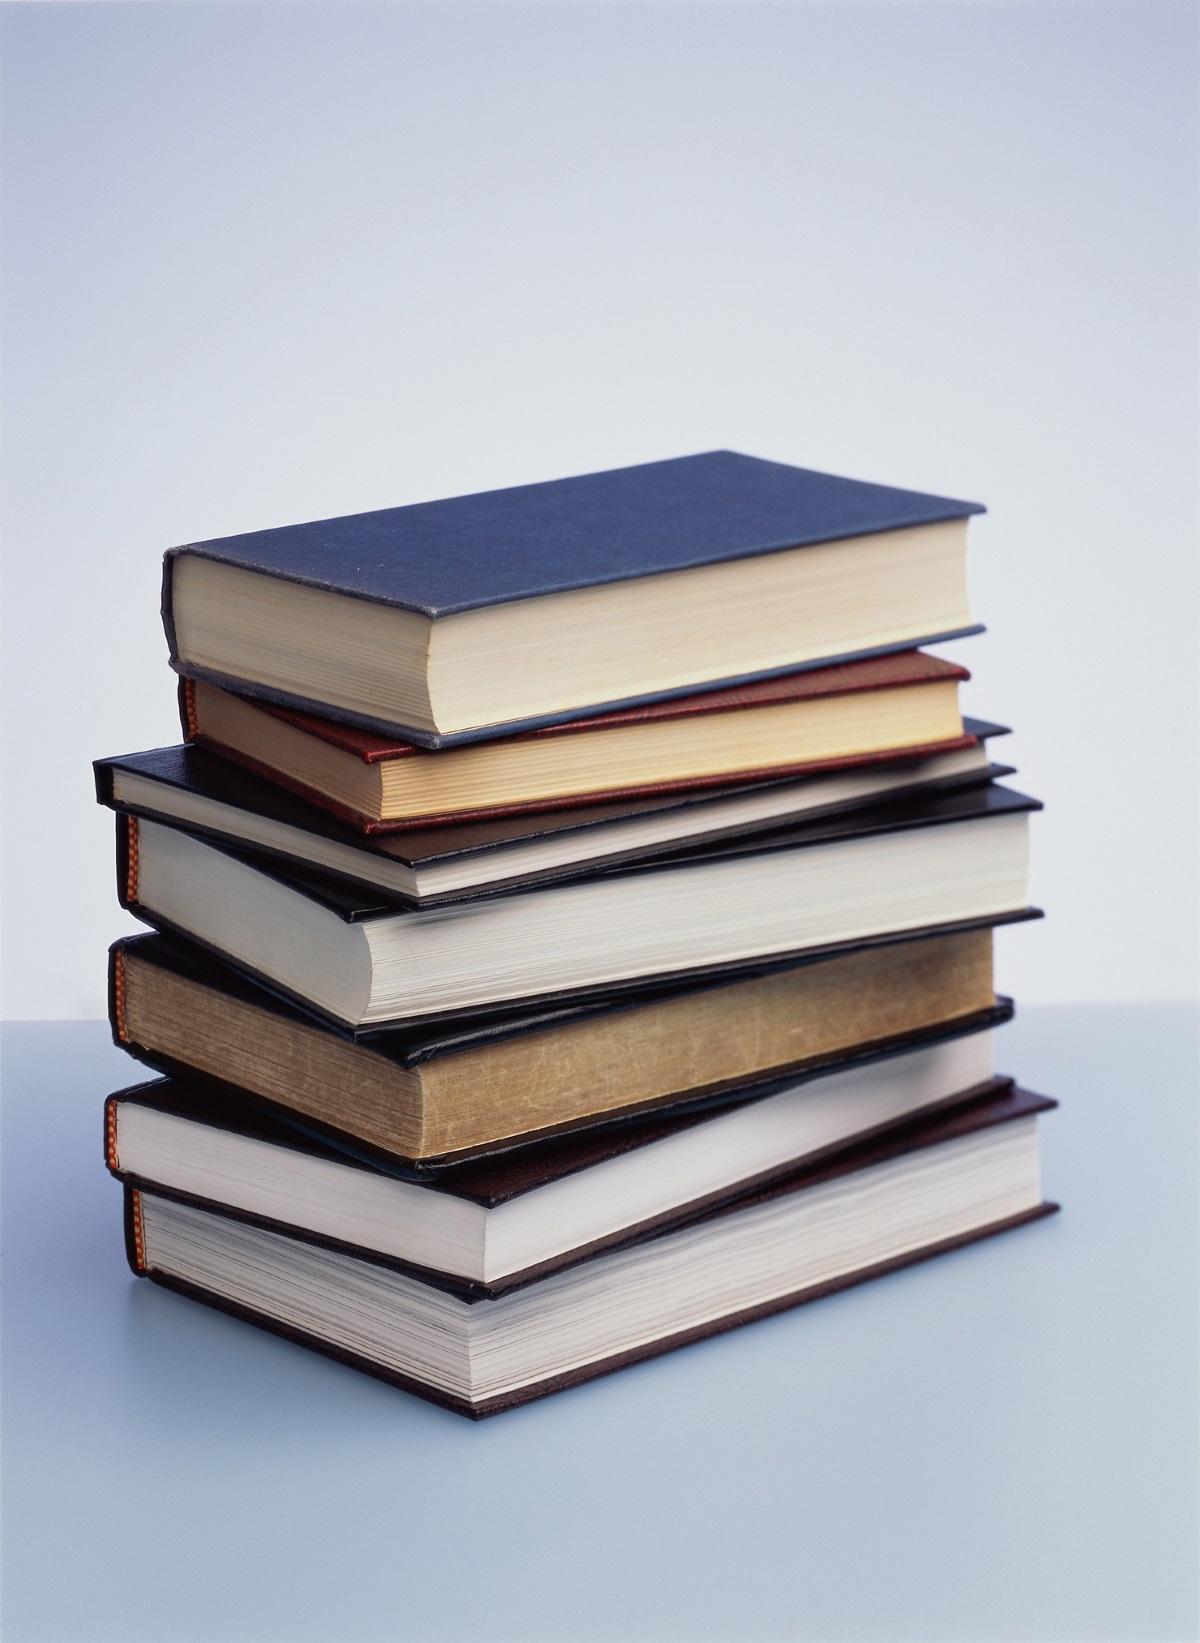 5. Книги с дебели корици. Ако нямате практиката да четете на таблет или на телефона си, вземете някоя от любимите си по-тънки книжки, но оствете тежките и обемни книги в библиотеката у дома за няколко дни.